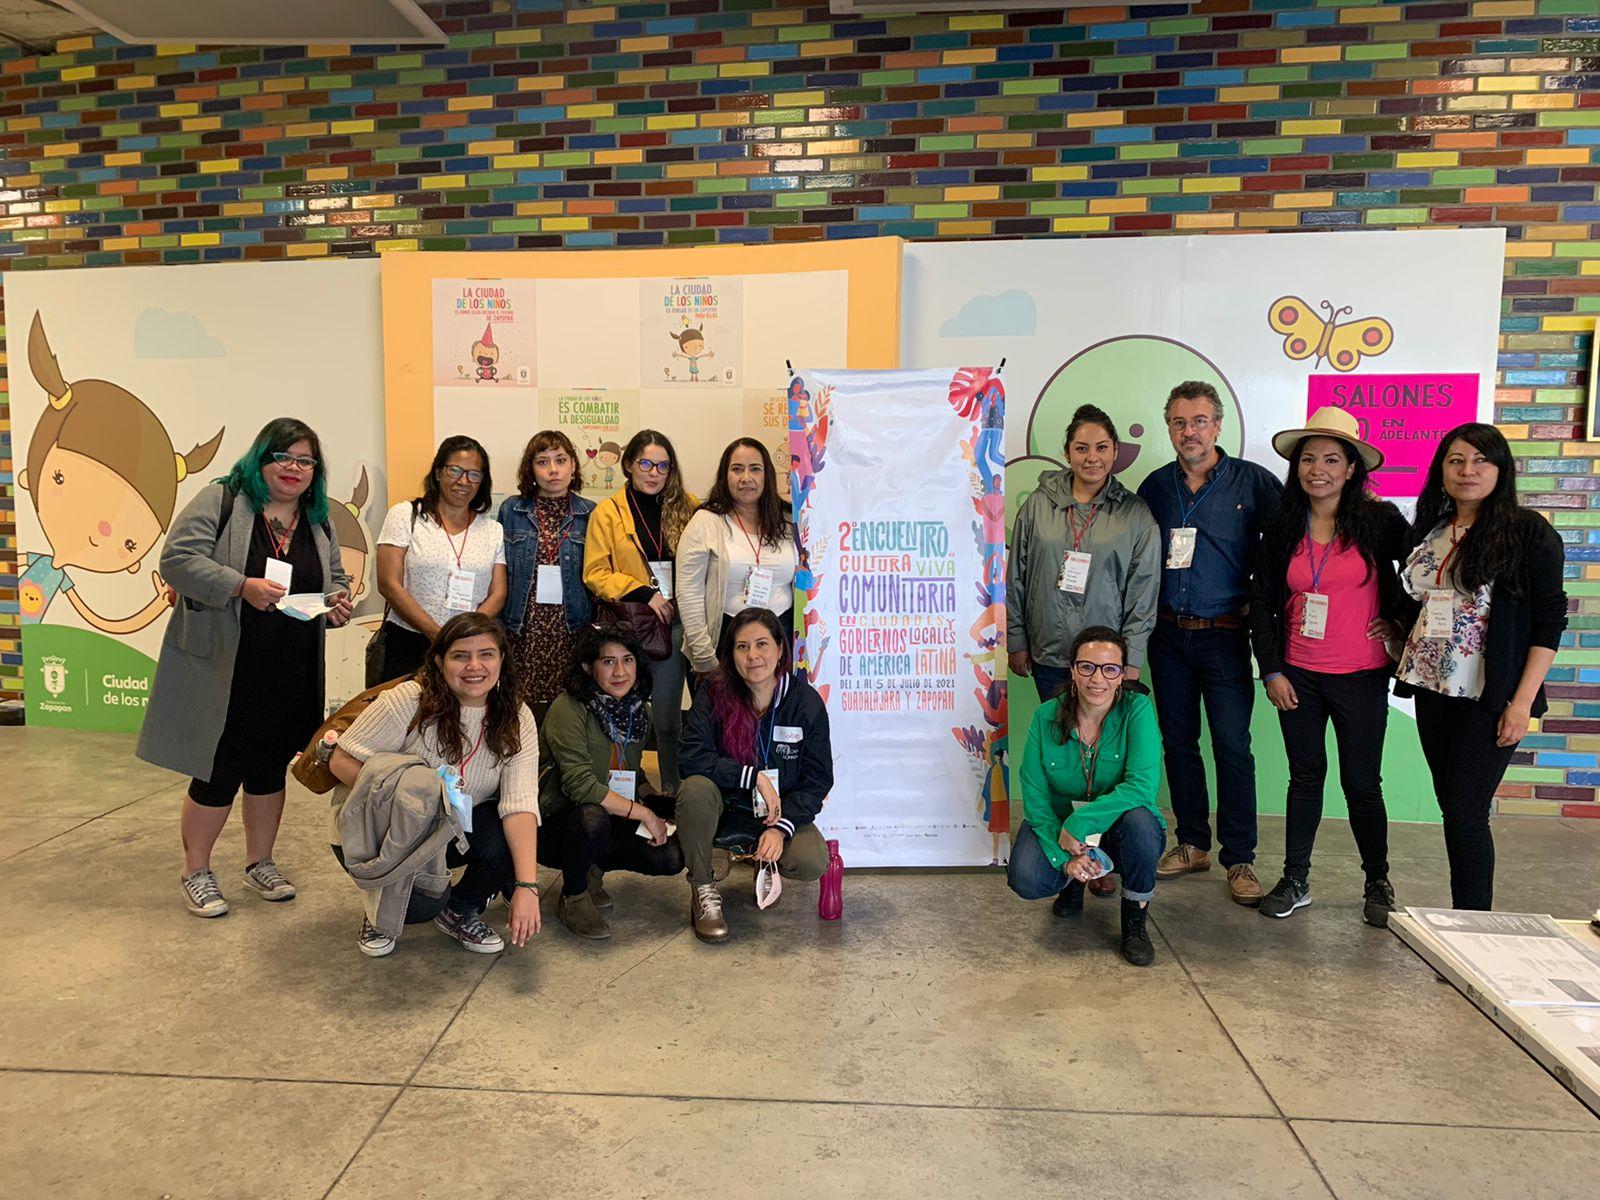 México alberga Encuentro de Cultura Viva Comunitaria en ciudades y gobiernos locales de América Latina